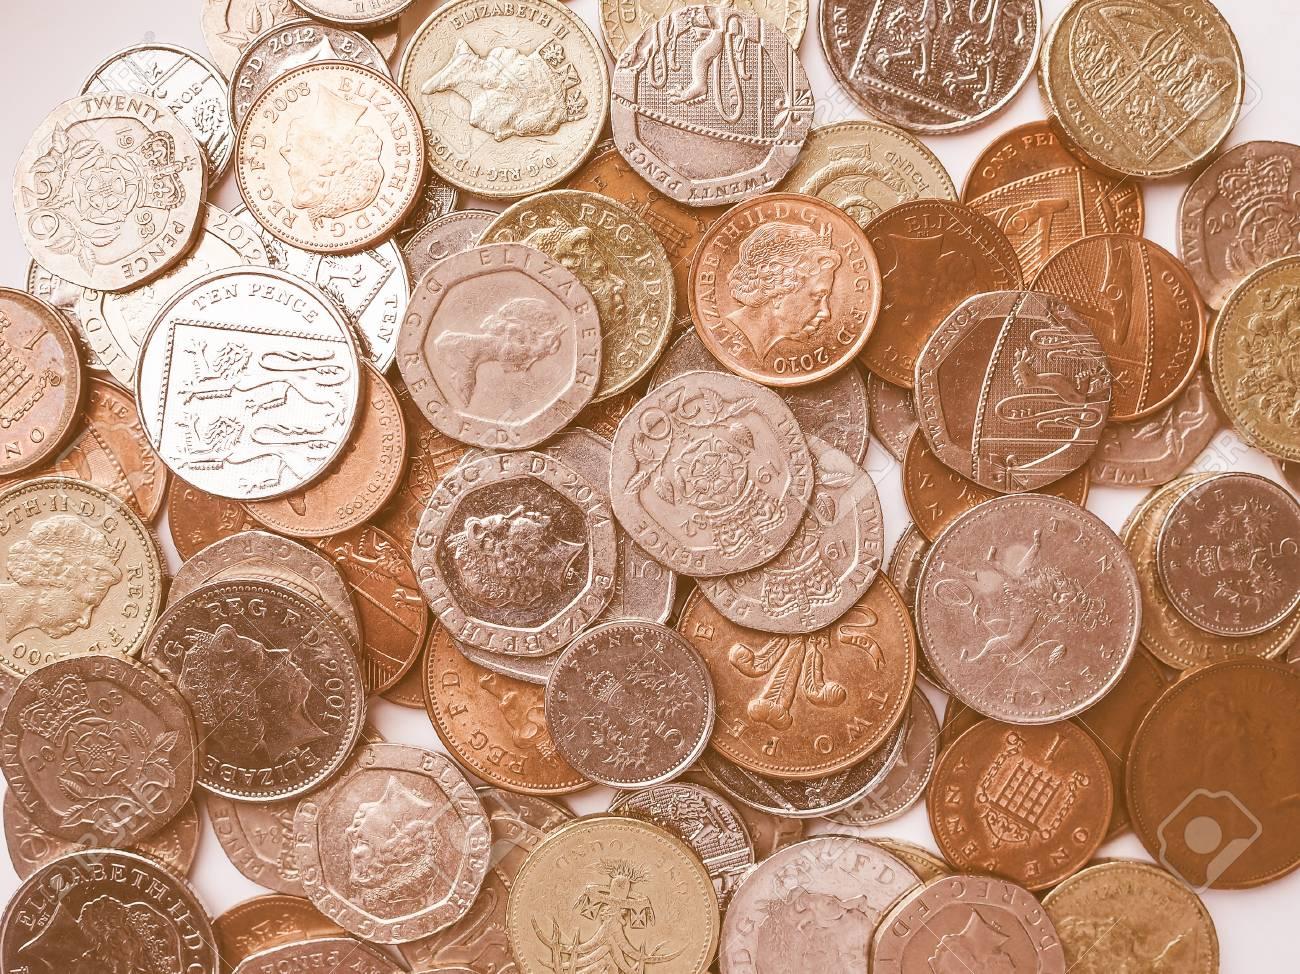 London Uk 1 August 2015 Britische Pfund Münzen Währung Des